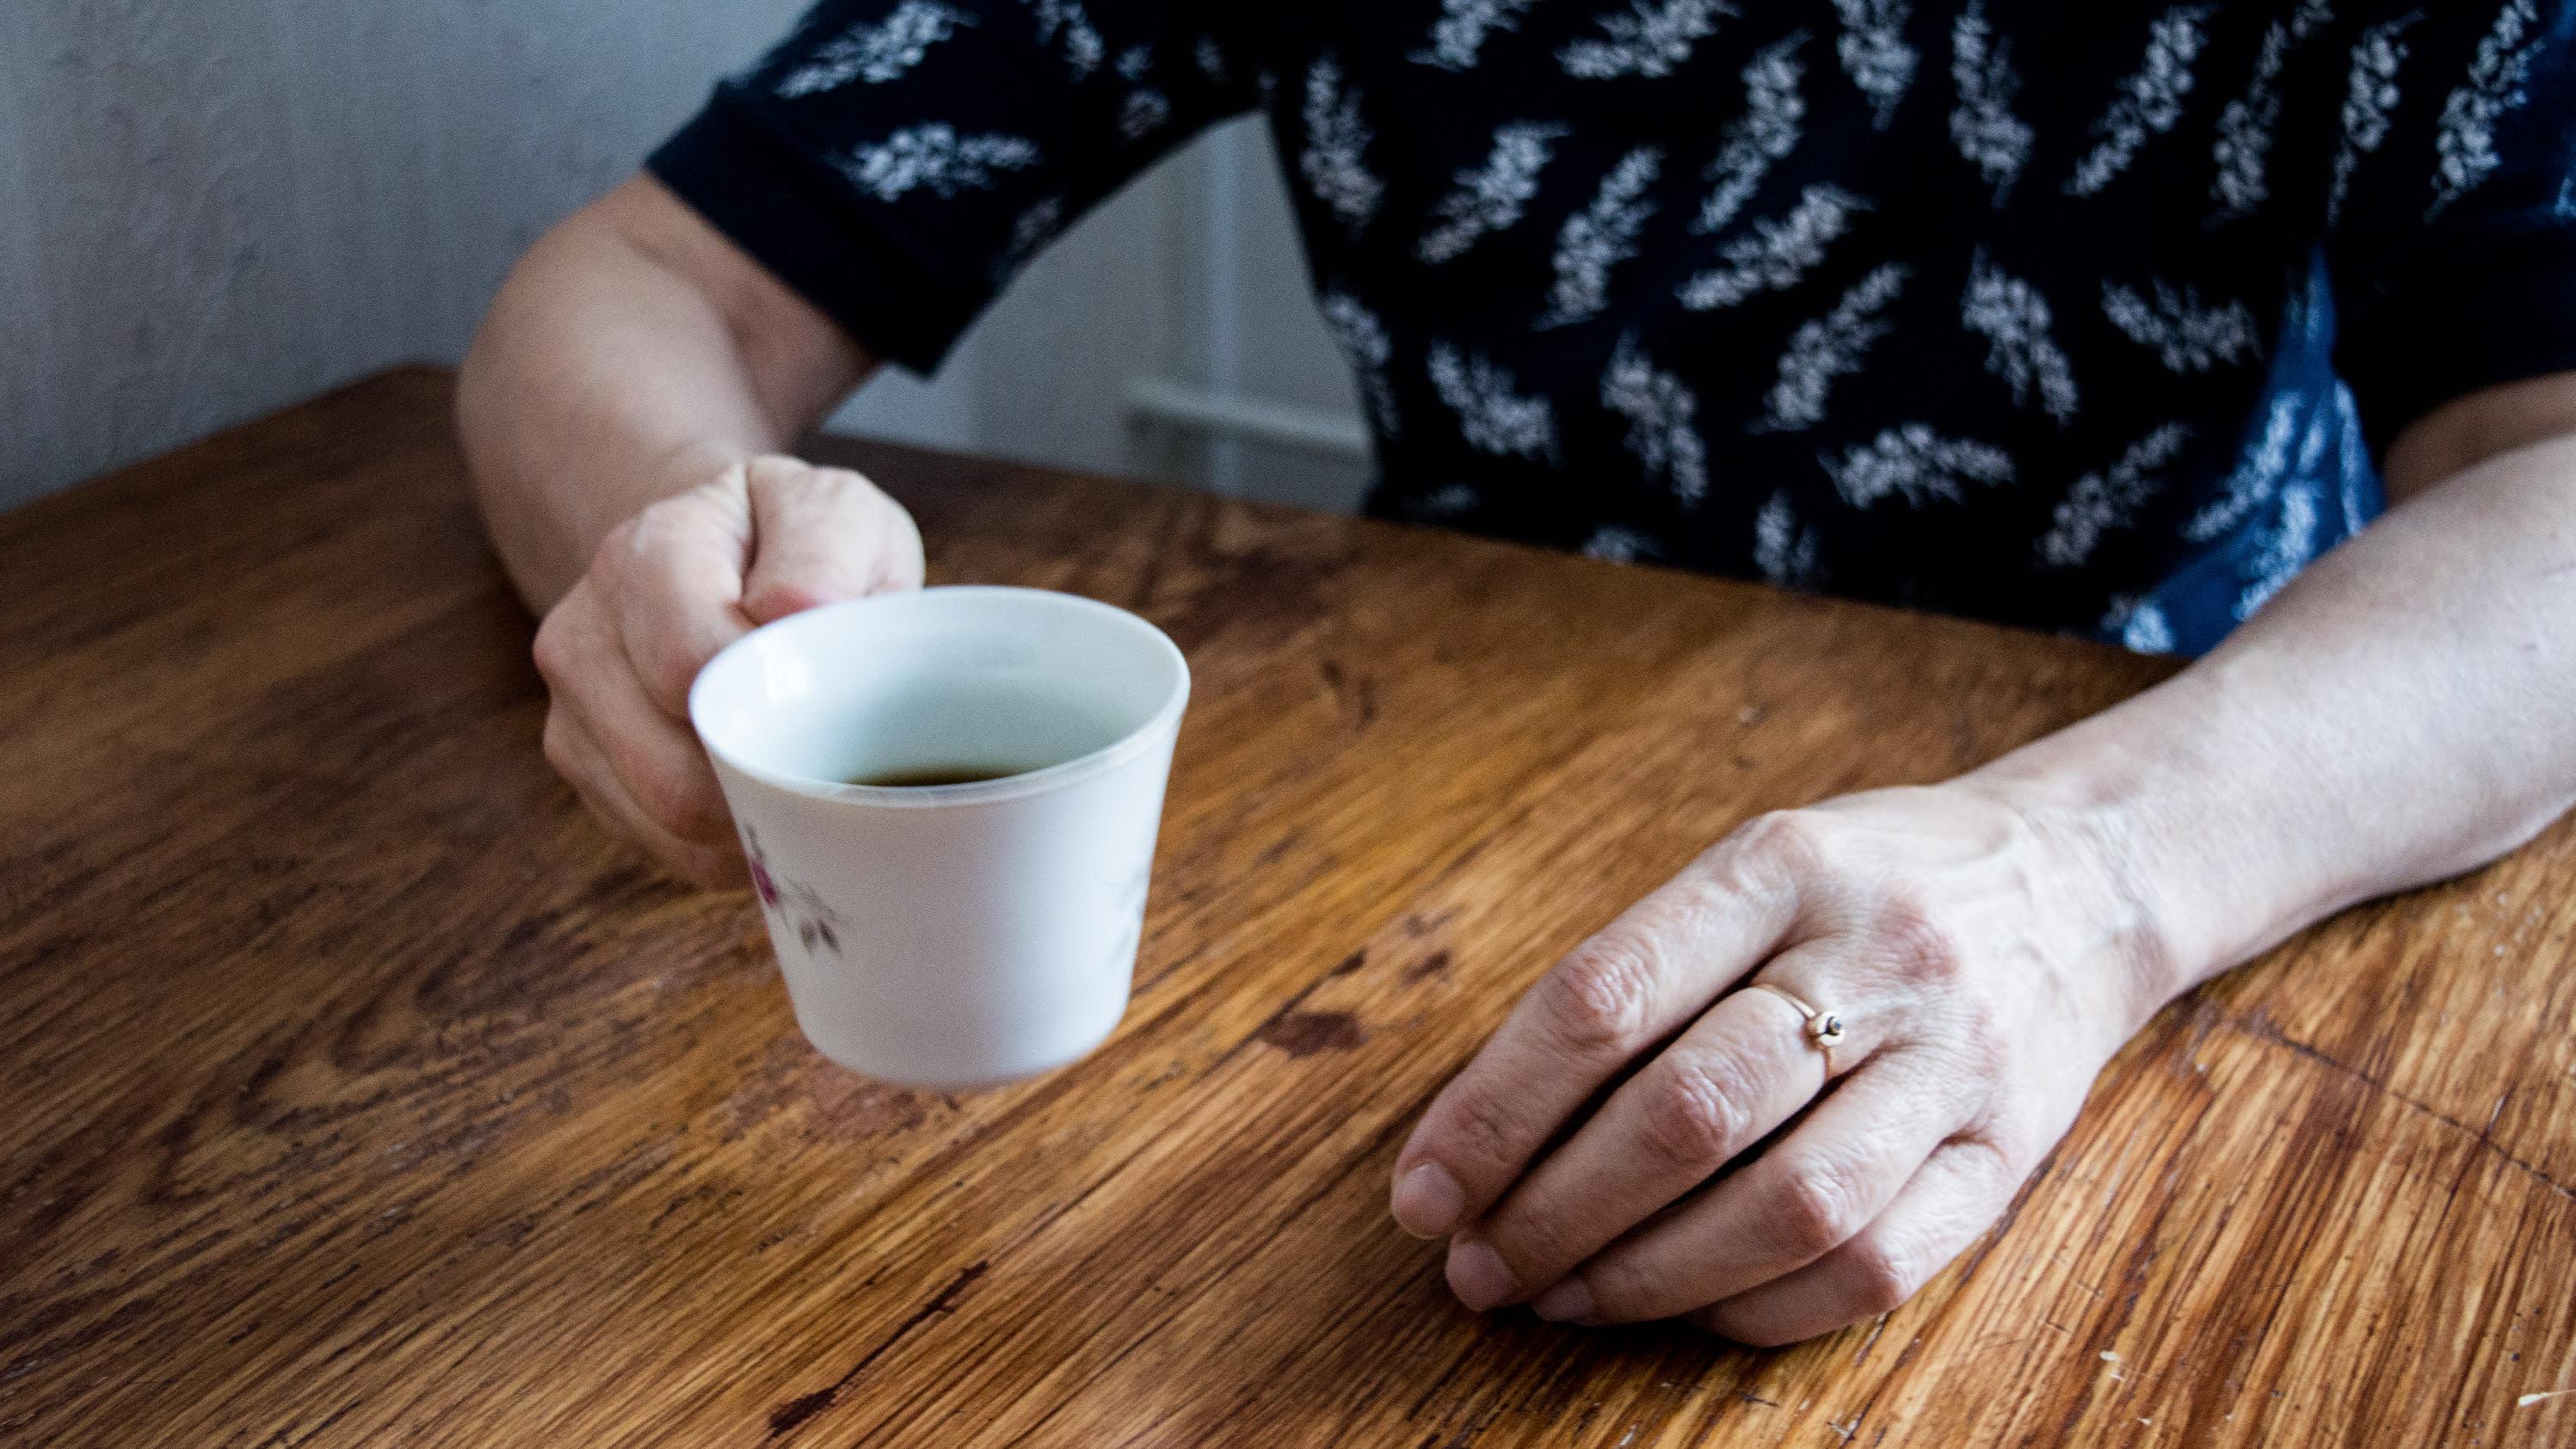 Henkilö istuu pöydän ääressä ja pitelee toisessa kädessä kahvikuppia.